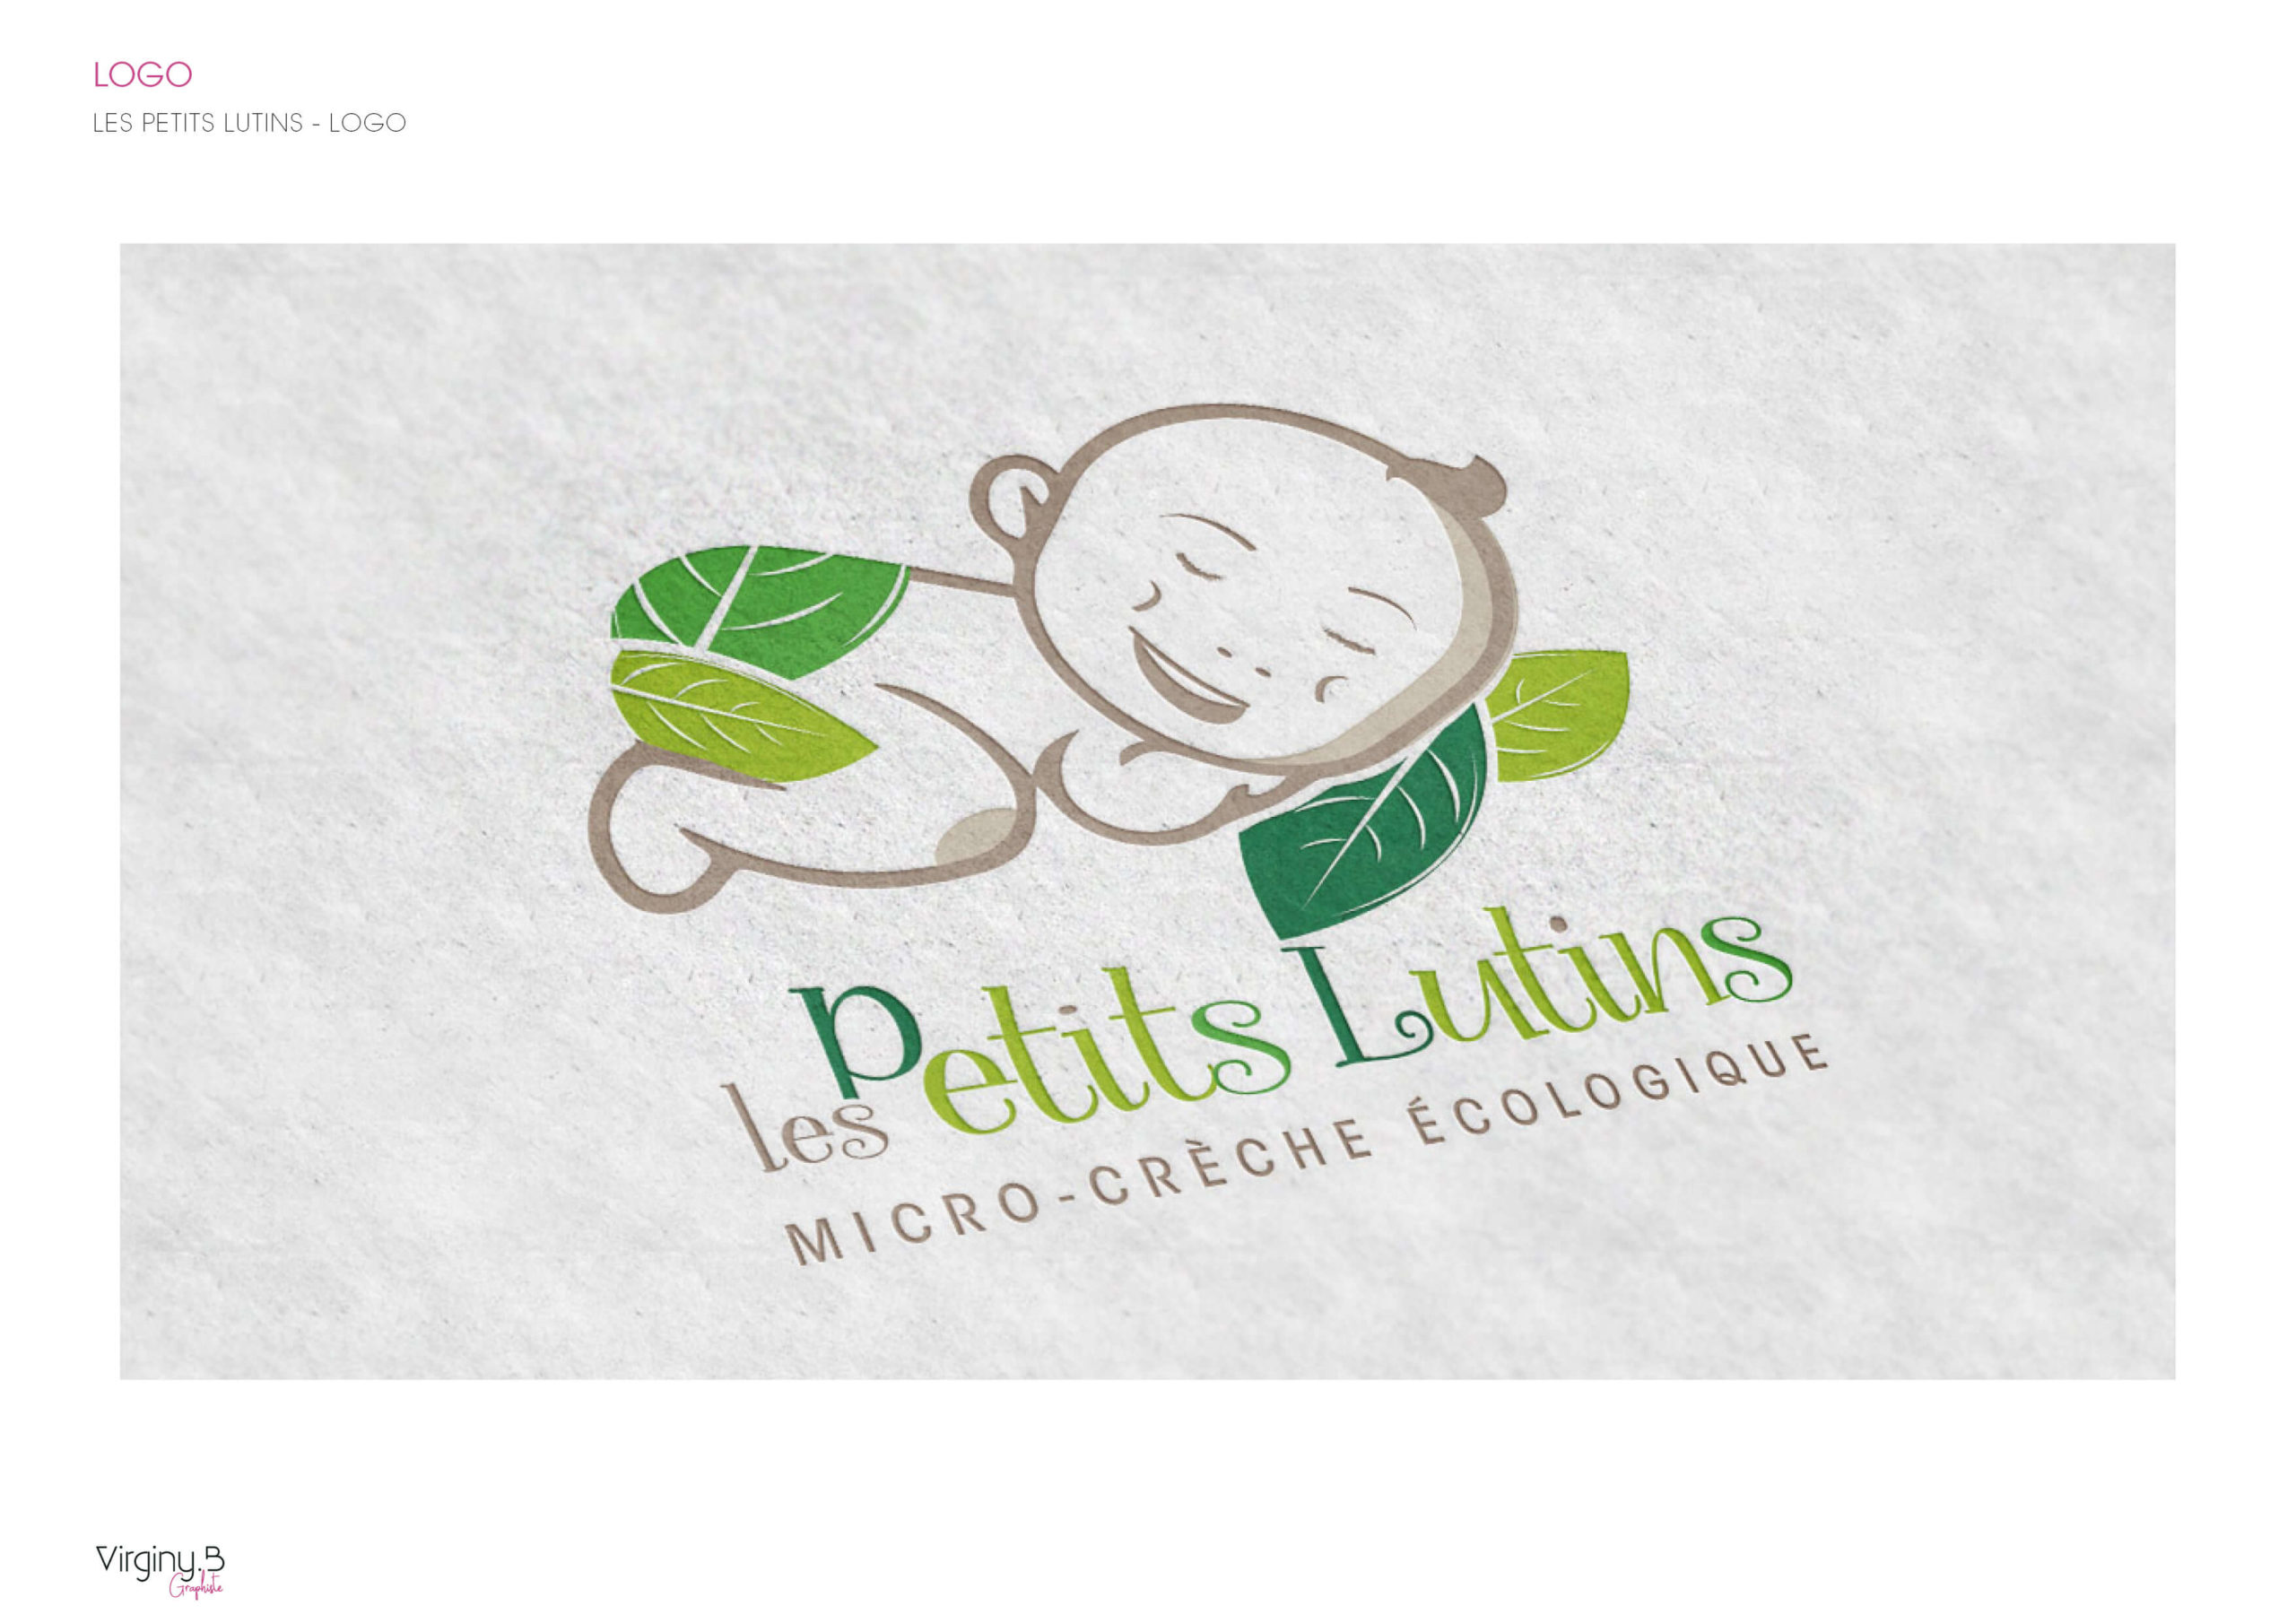 Logo Les Petits Lutins